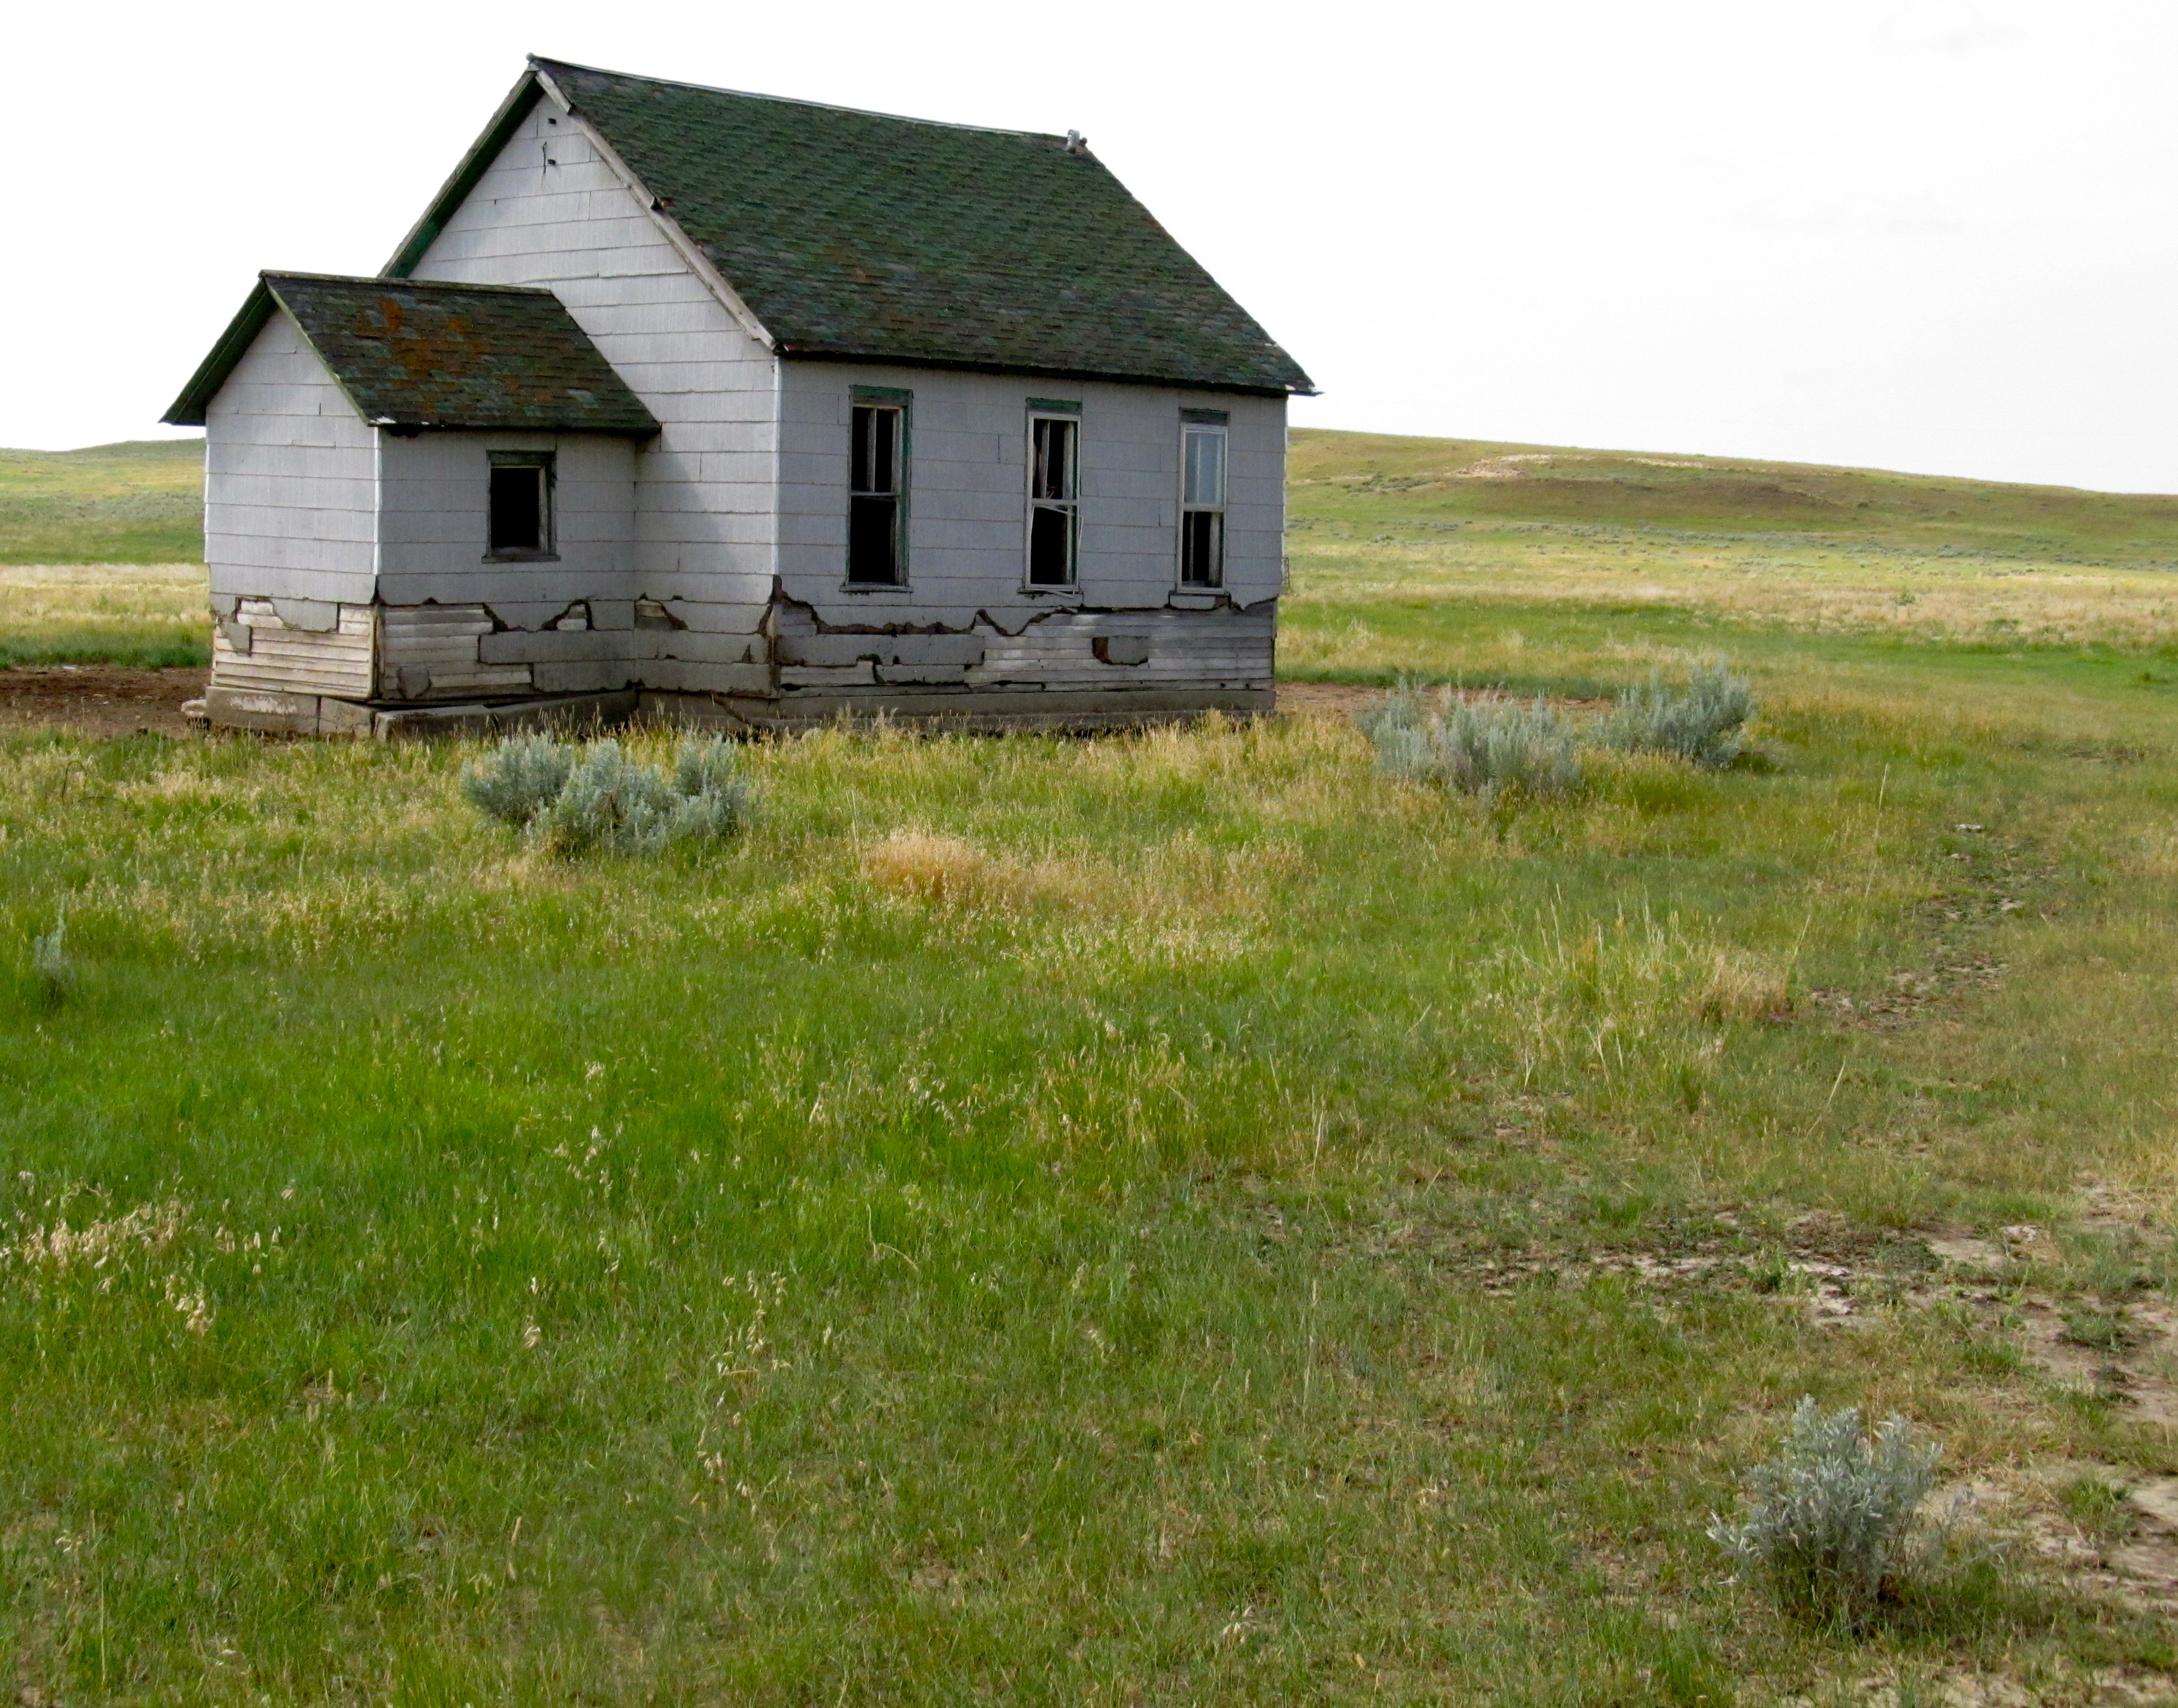 Montana big horn county wyola - Montana Decay Schools Derelict Abandonment Oneroomschool Highway200 Abandonedschools Montanahistory Oneroomschools